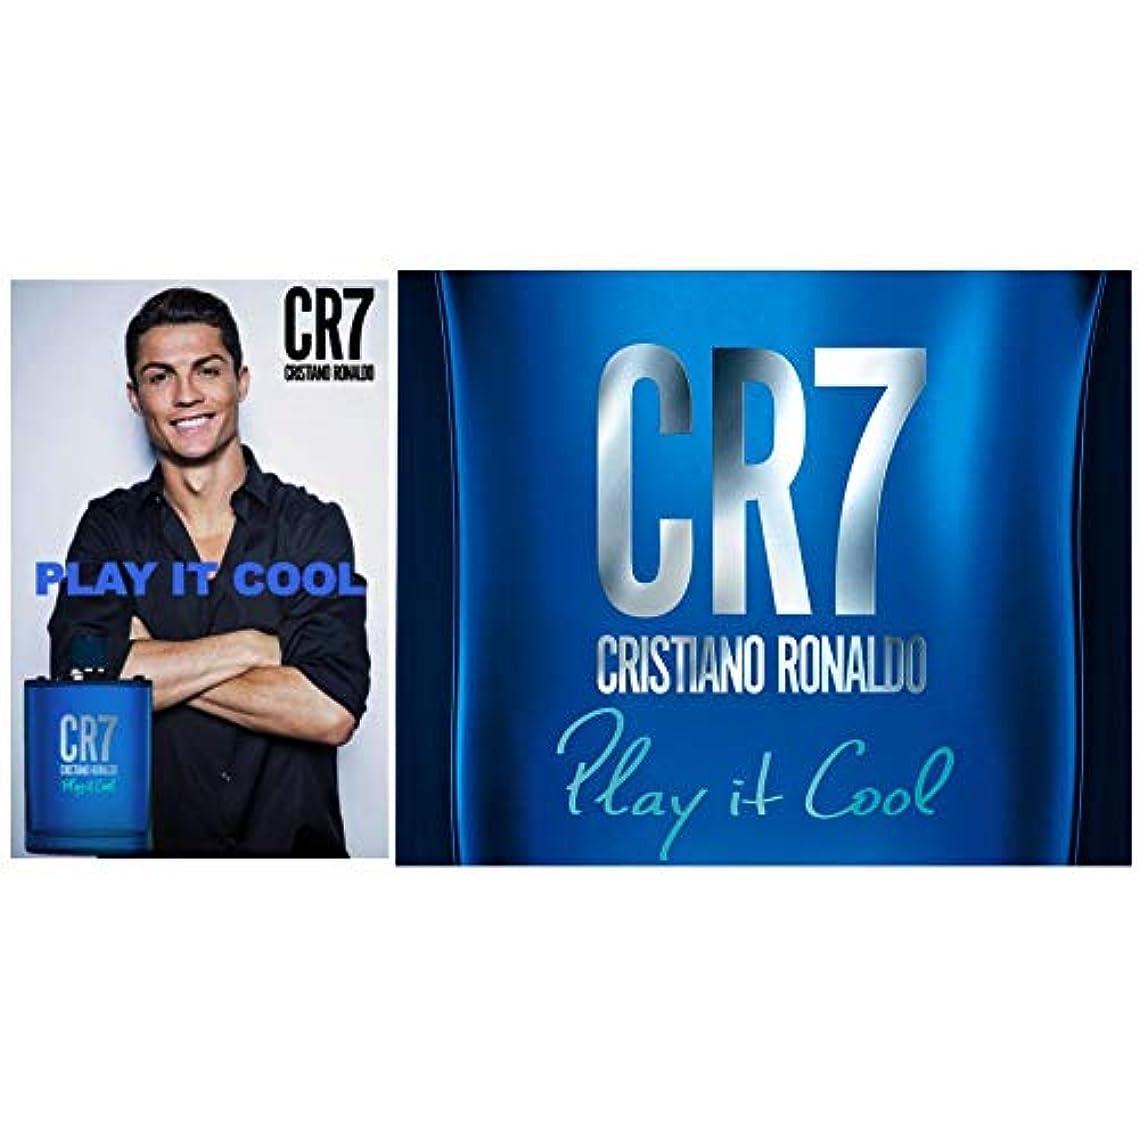 コーデリア寛容な階Cristiano Ronaldo(クリスティアーノ ロナウド) クリスティアーノ ロナウド CR7 プレイイットクール バイ クリスティアーノ ロナウド EDT アロマティック?フゼア 50ml